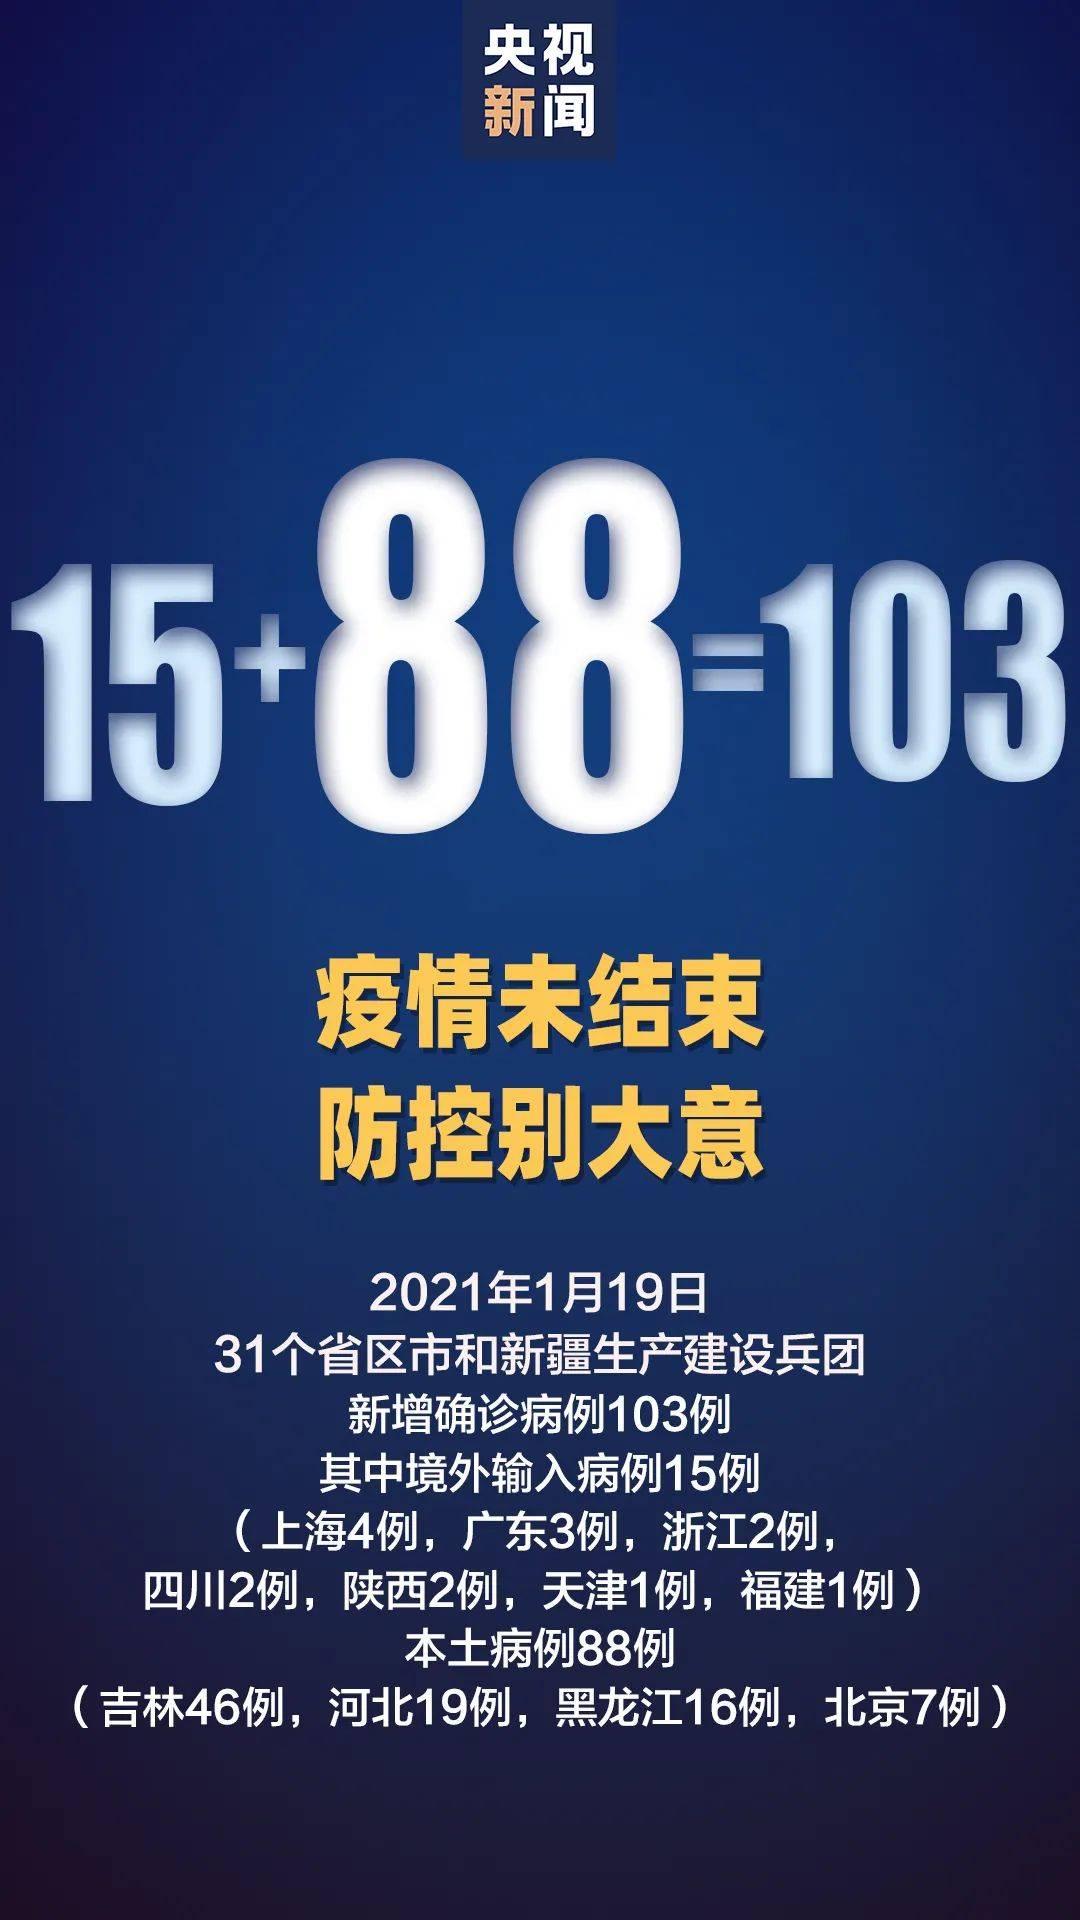 31省区市新增88例本土确诊,黑龙江绥化望奎县升为高风险地区!